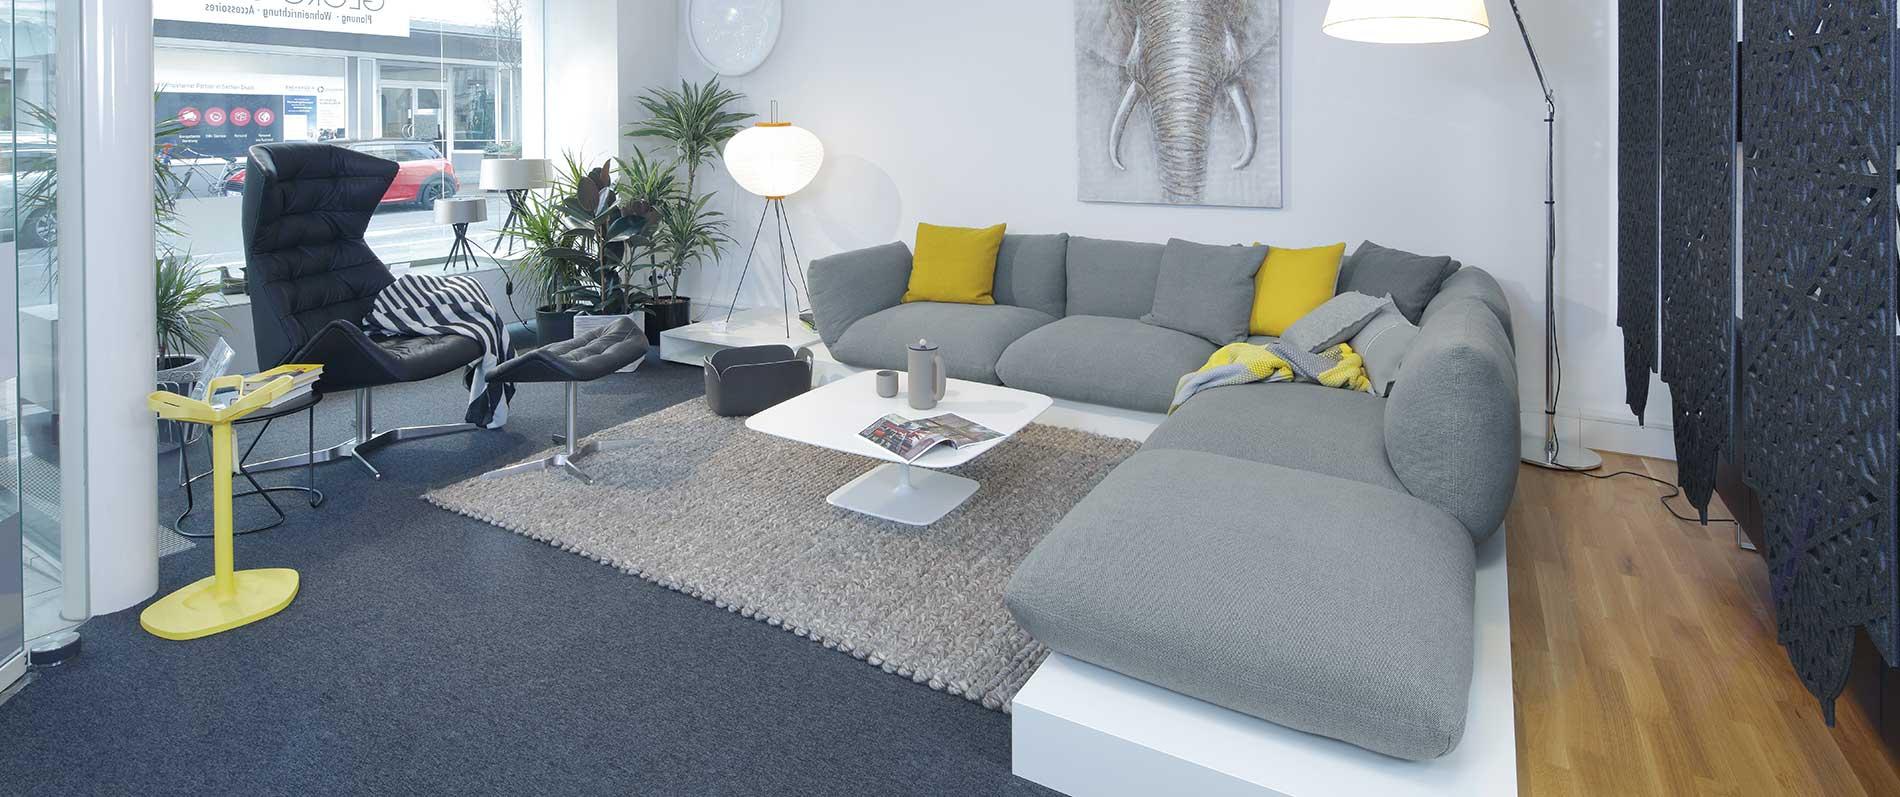 einrichtung f r ihr zuhause wohnen design georg greb. Black Bedroom Furniture Sets. Home Design Ideas